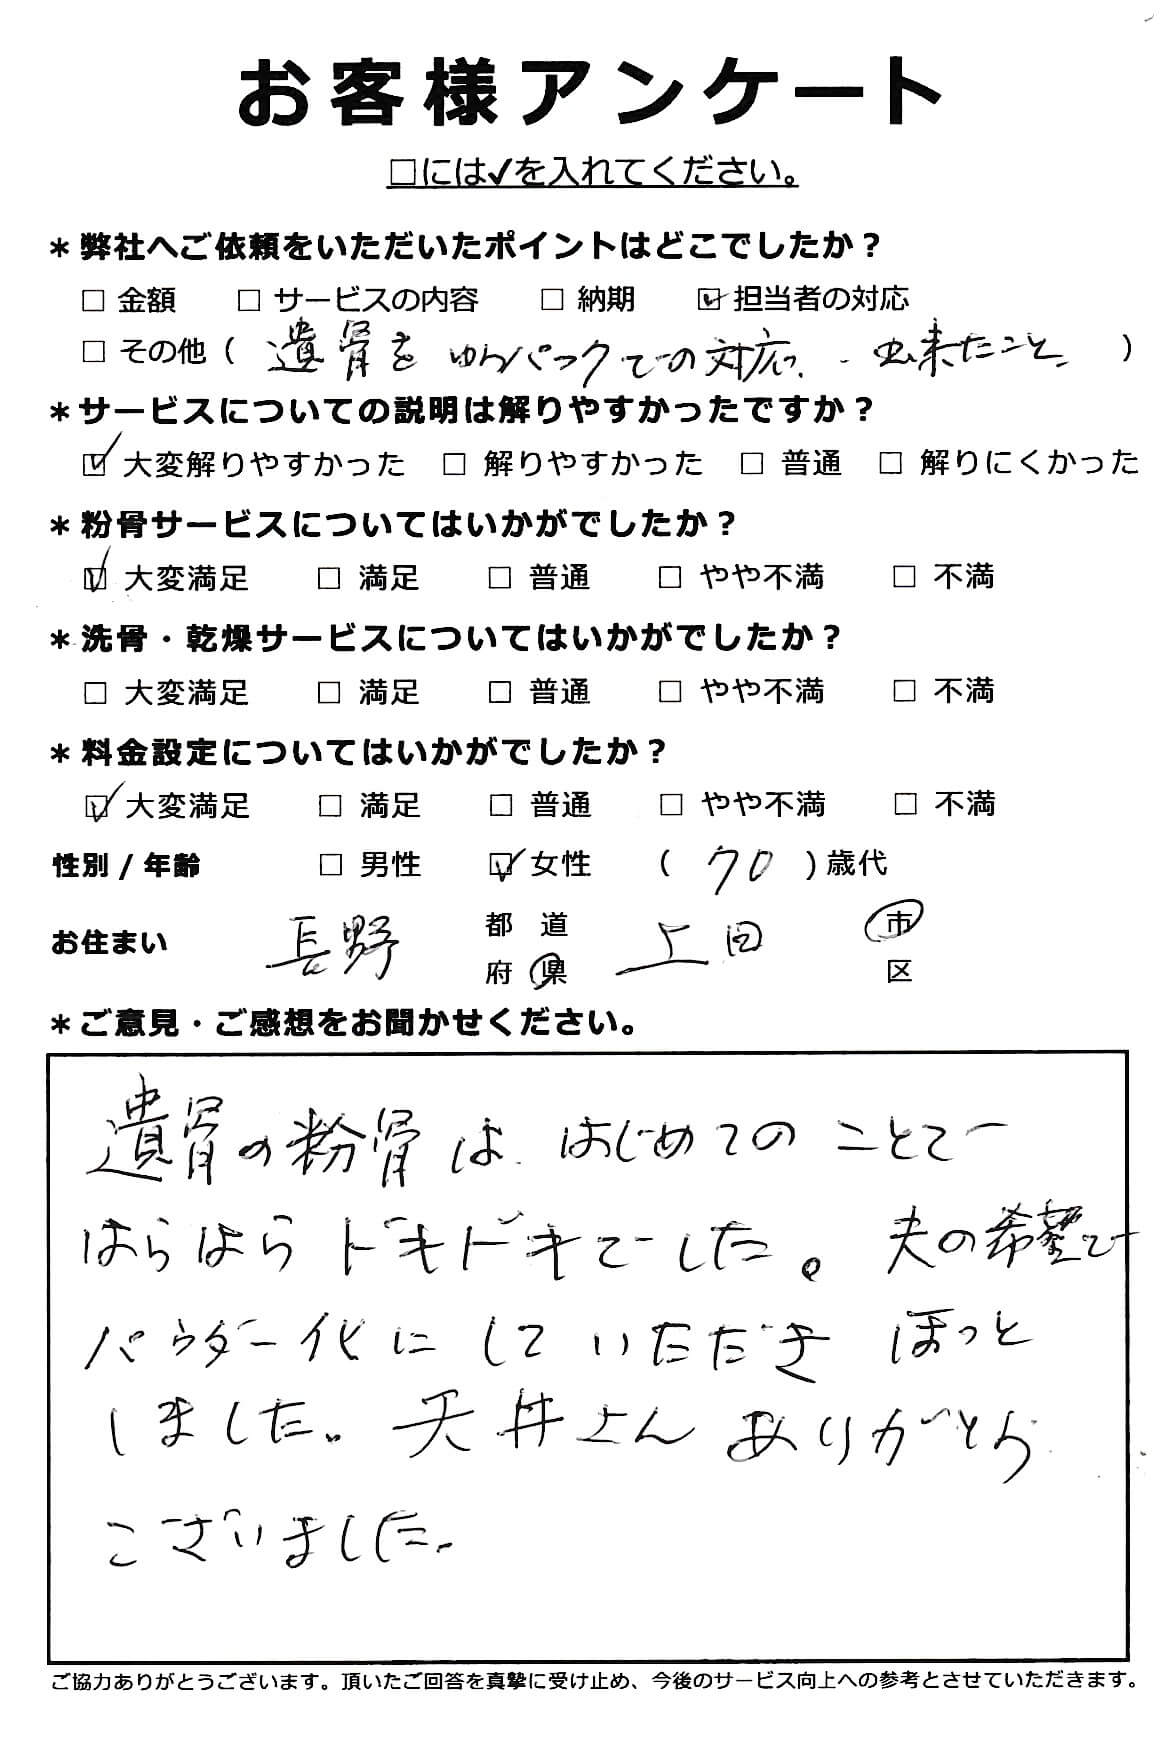 長野県上田市での粉骨・散骨サービス